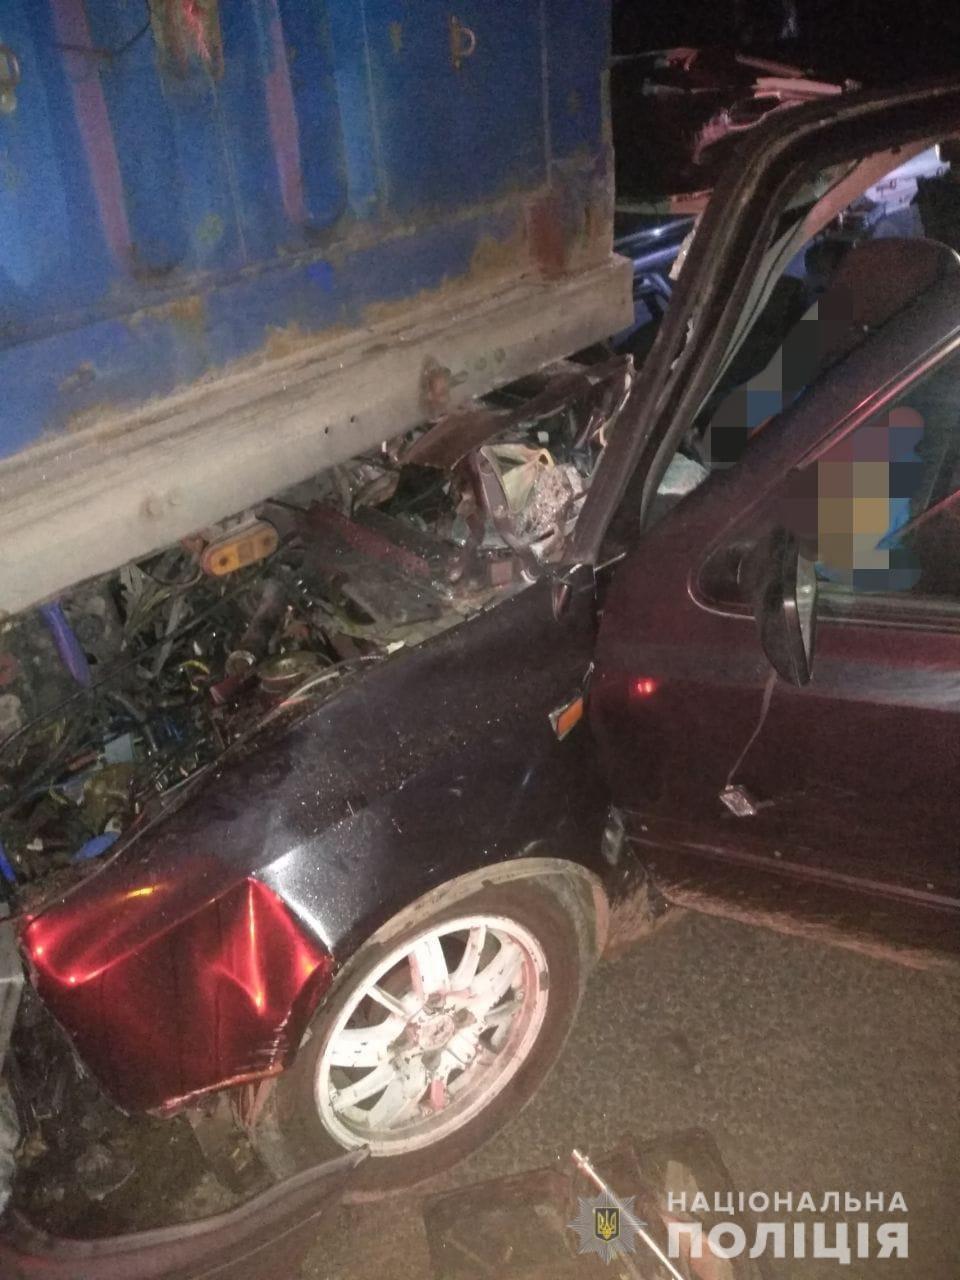 В Одесской области в ДТП погиб человек и пострадал ребёнок, - ФОТО1